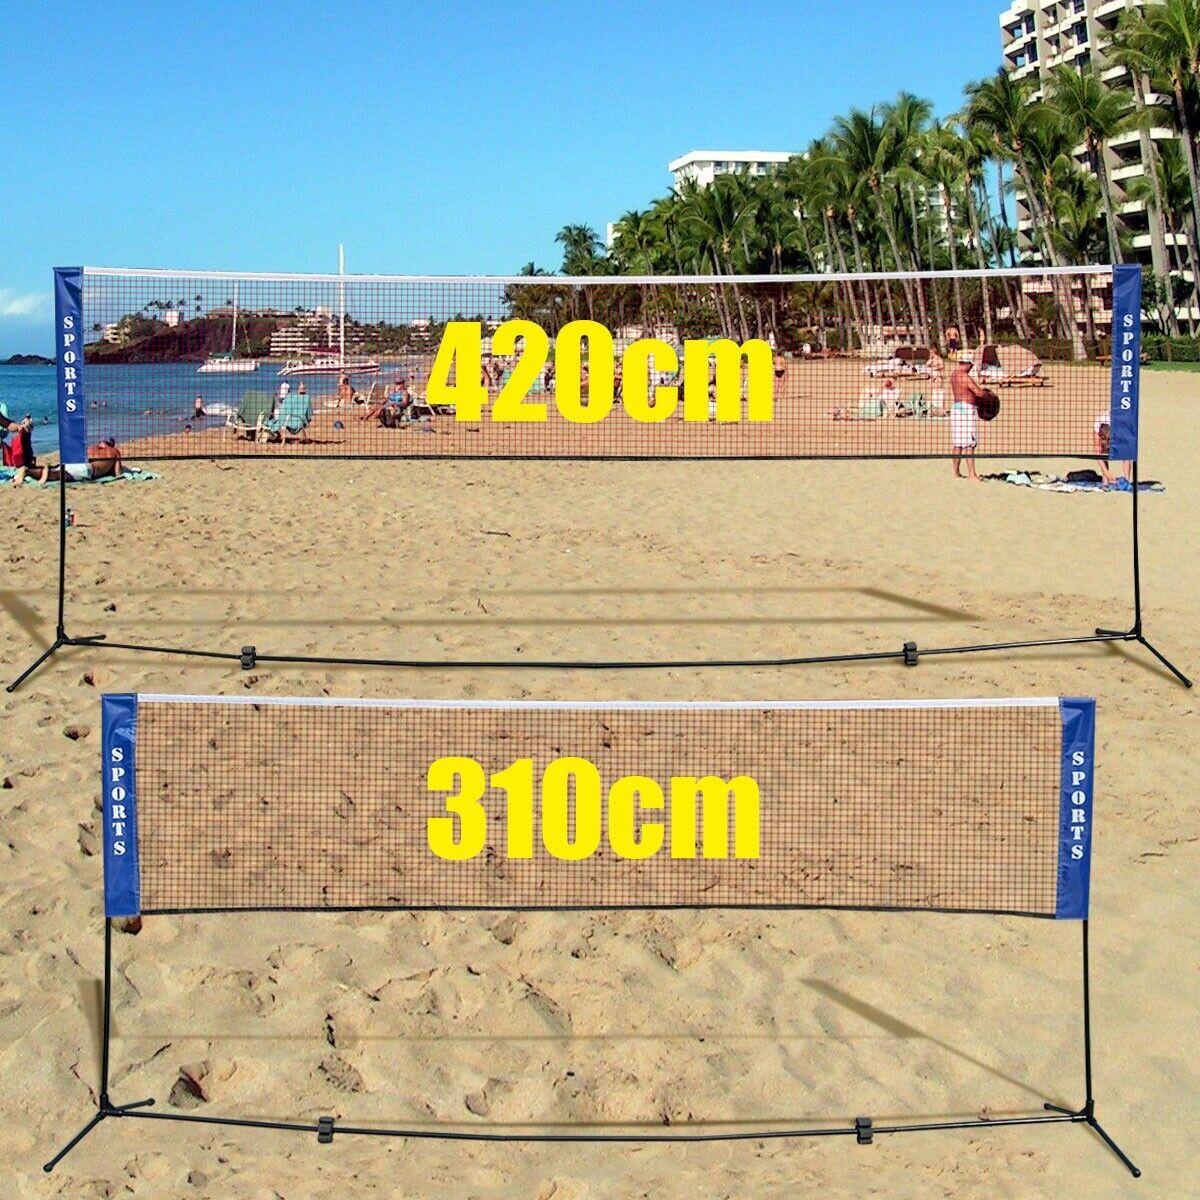 Badmintonnetz Tennisnetz Volleyballnetz Federballnetz Badminton Netz Tasche